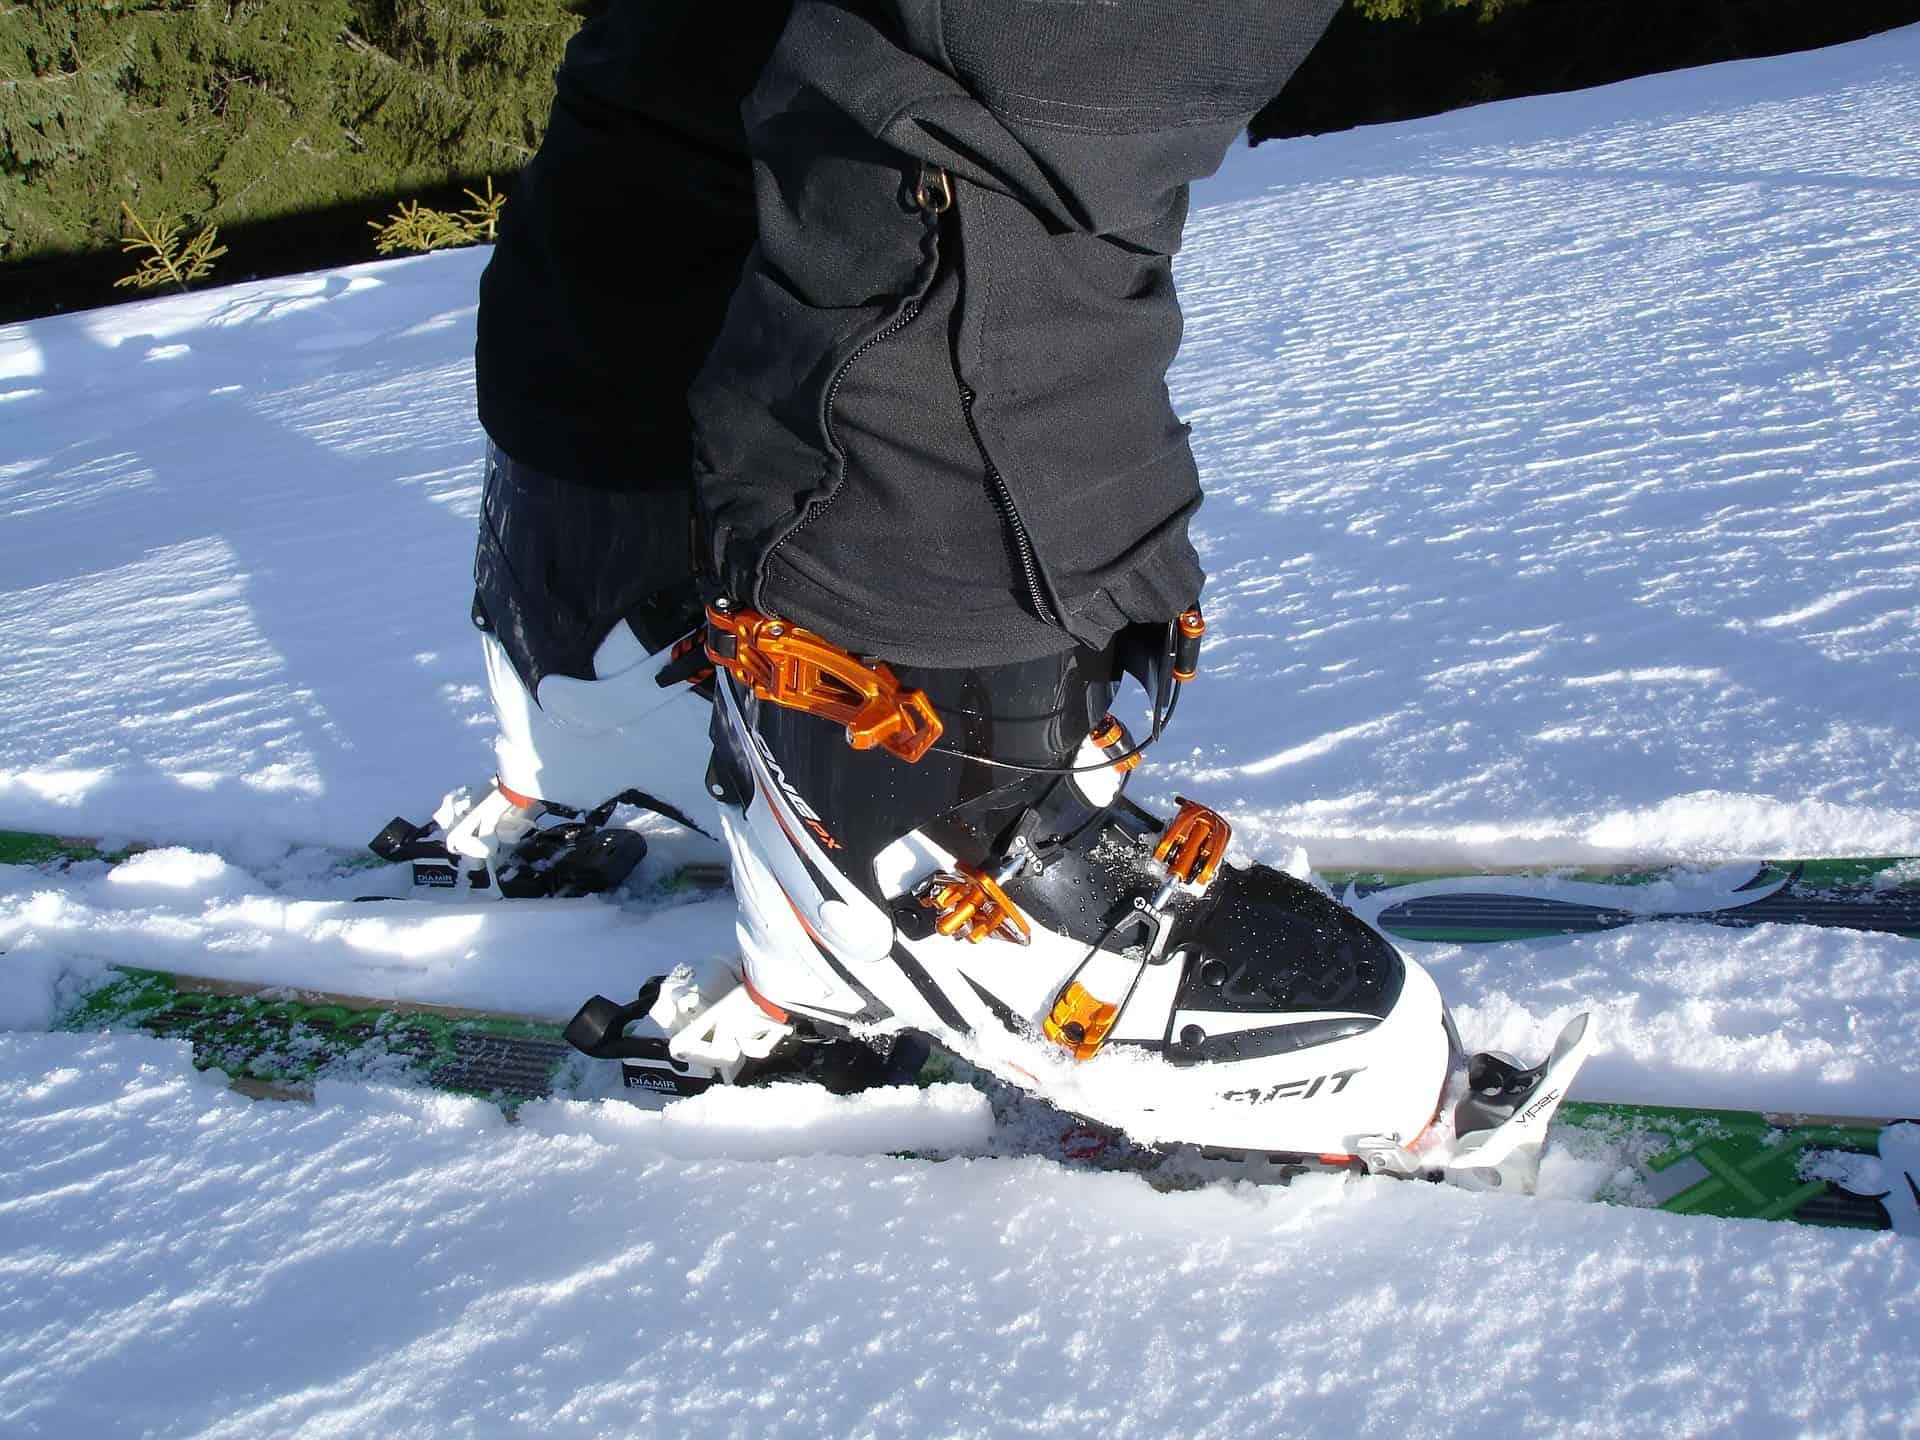 Skischuhe: Test & Empfehlungen (01/21)